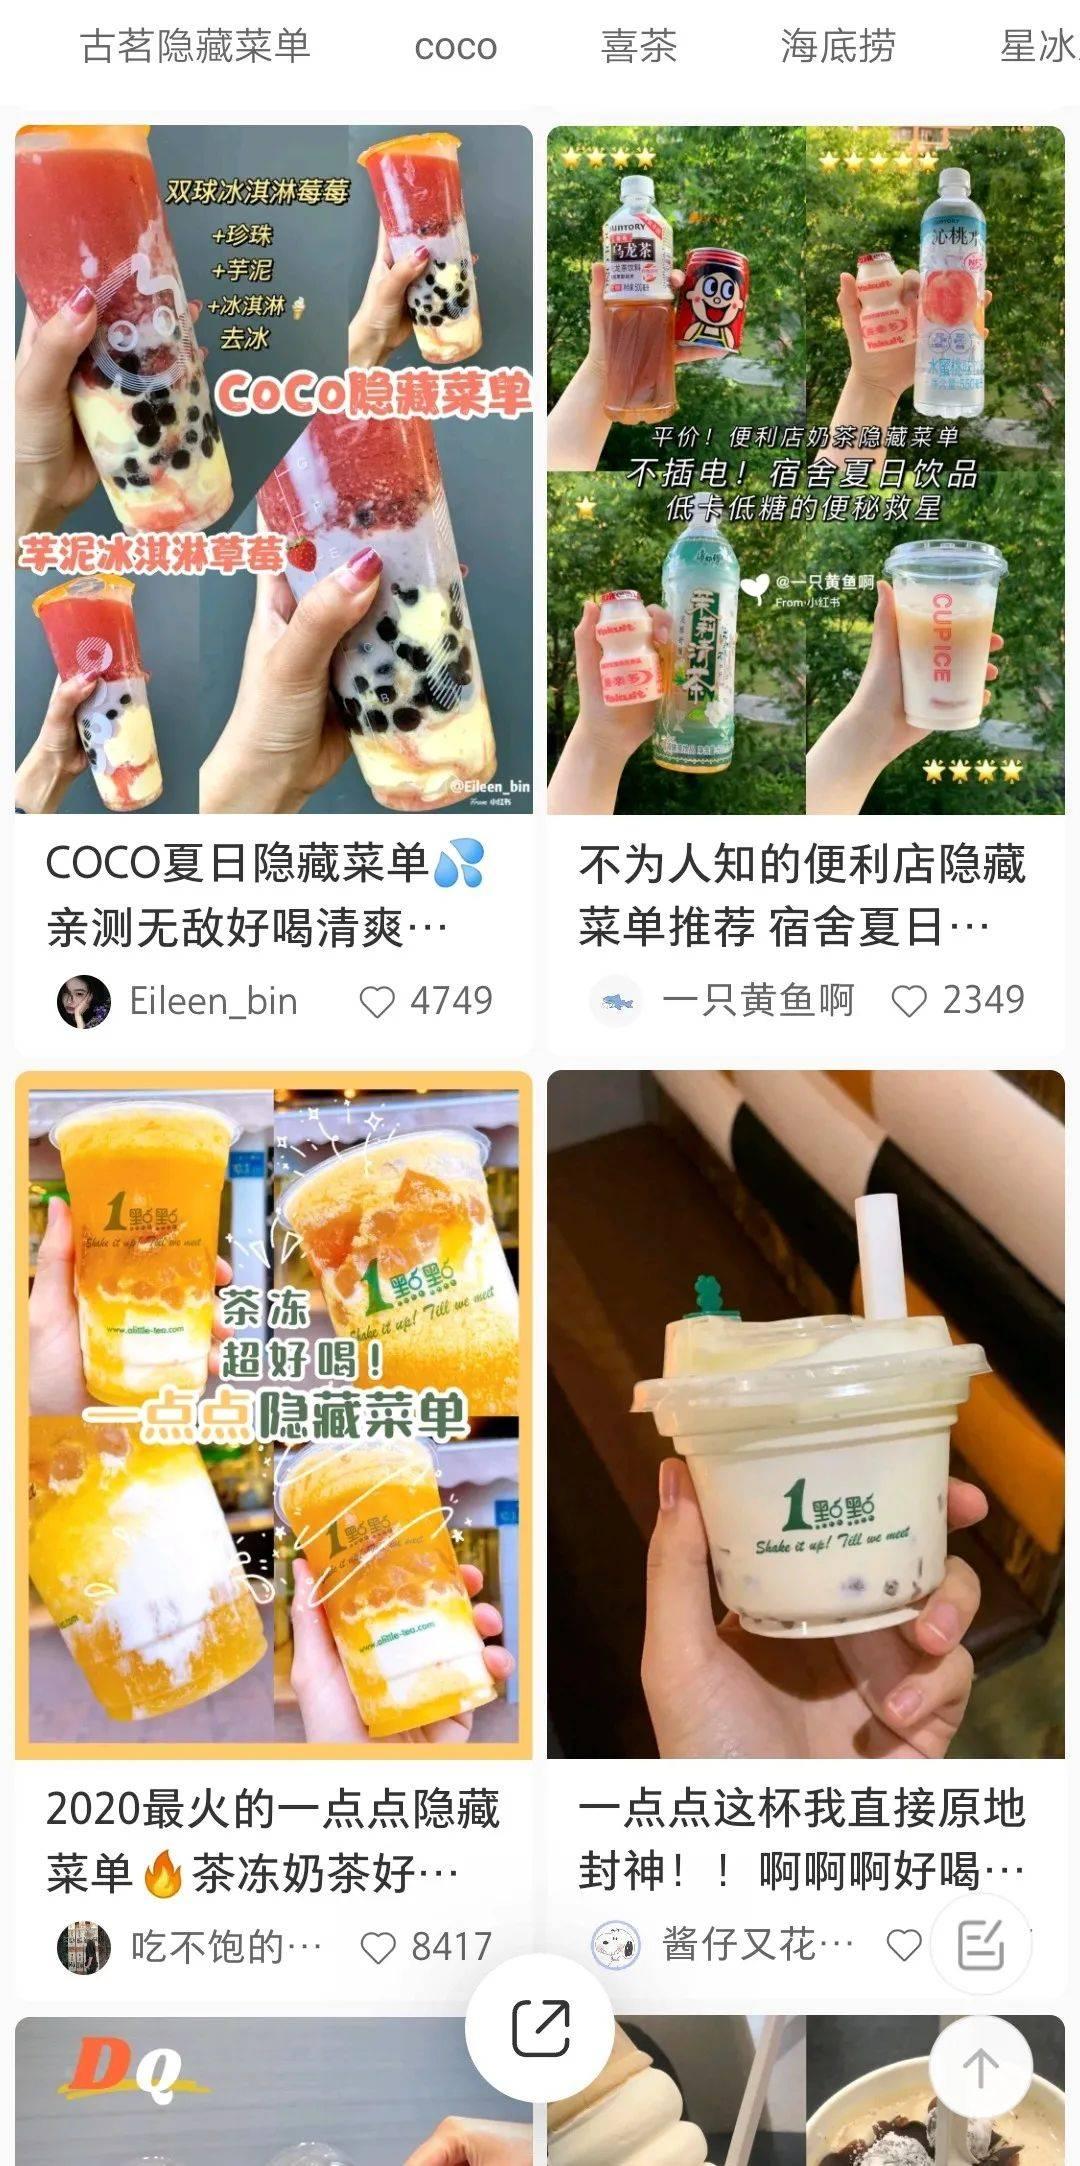 亚洲AV无码专区首页,广告创意,顶尖广告,星巴克,菜单创意,反套路,品牌,茶颜悦色